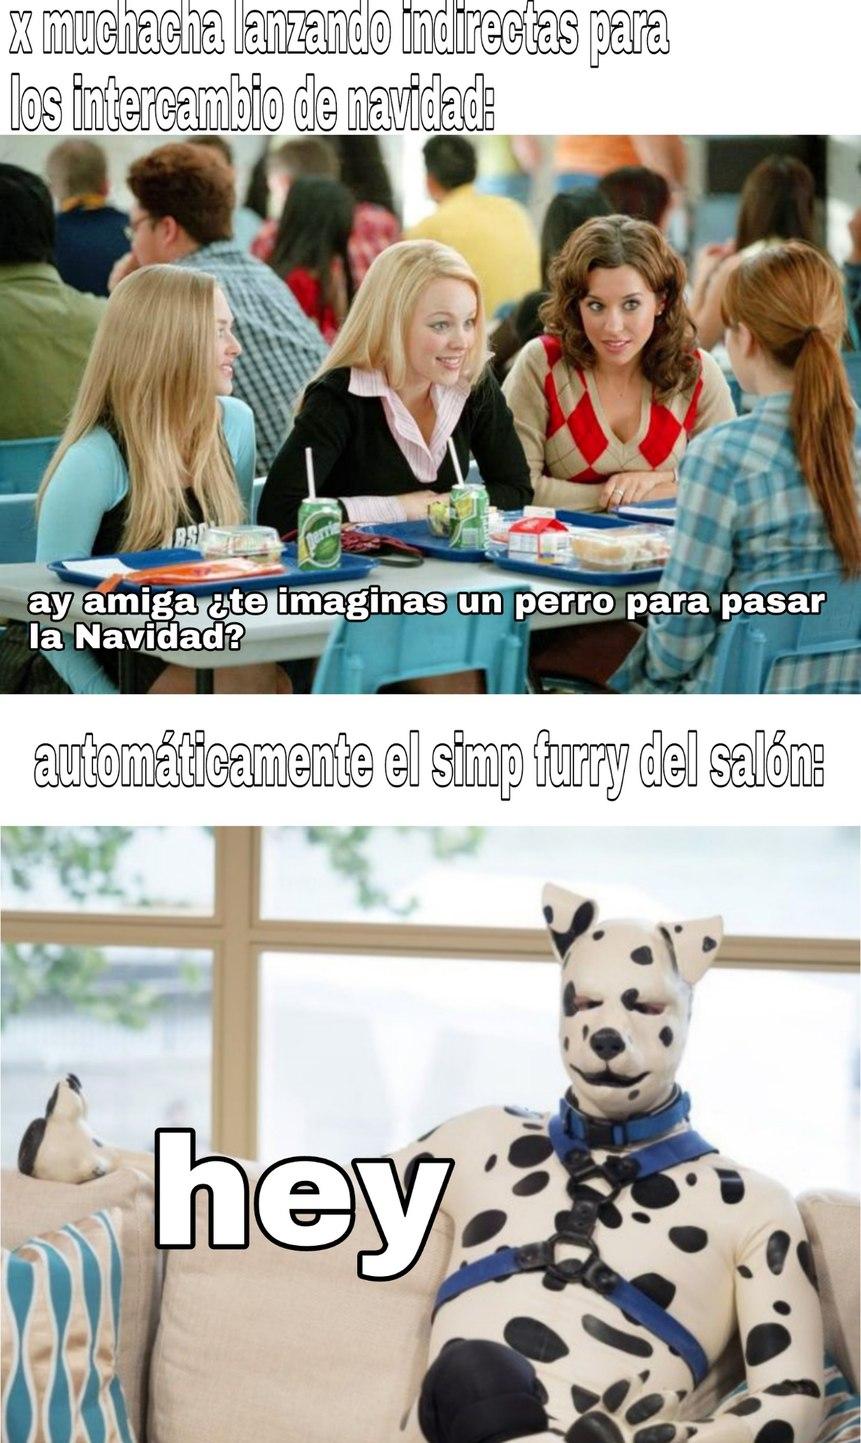 Pishis furros - meme